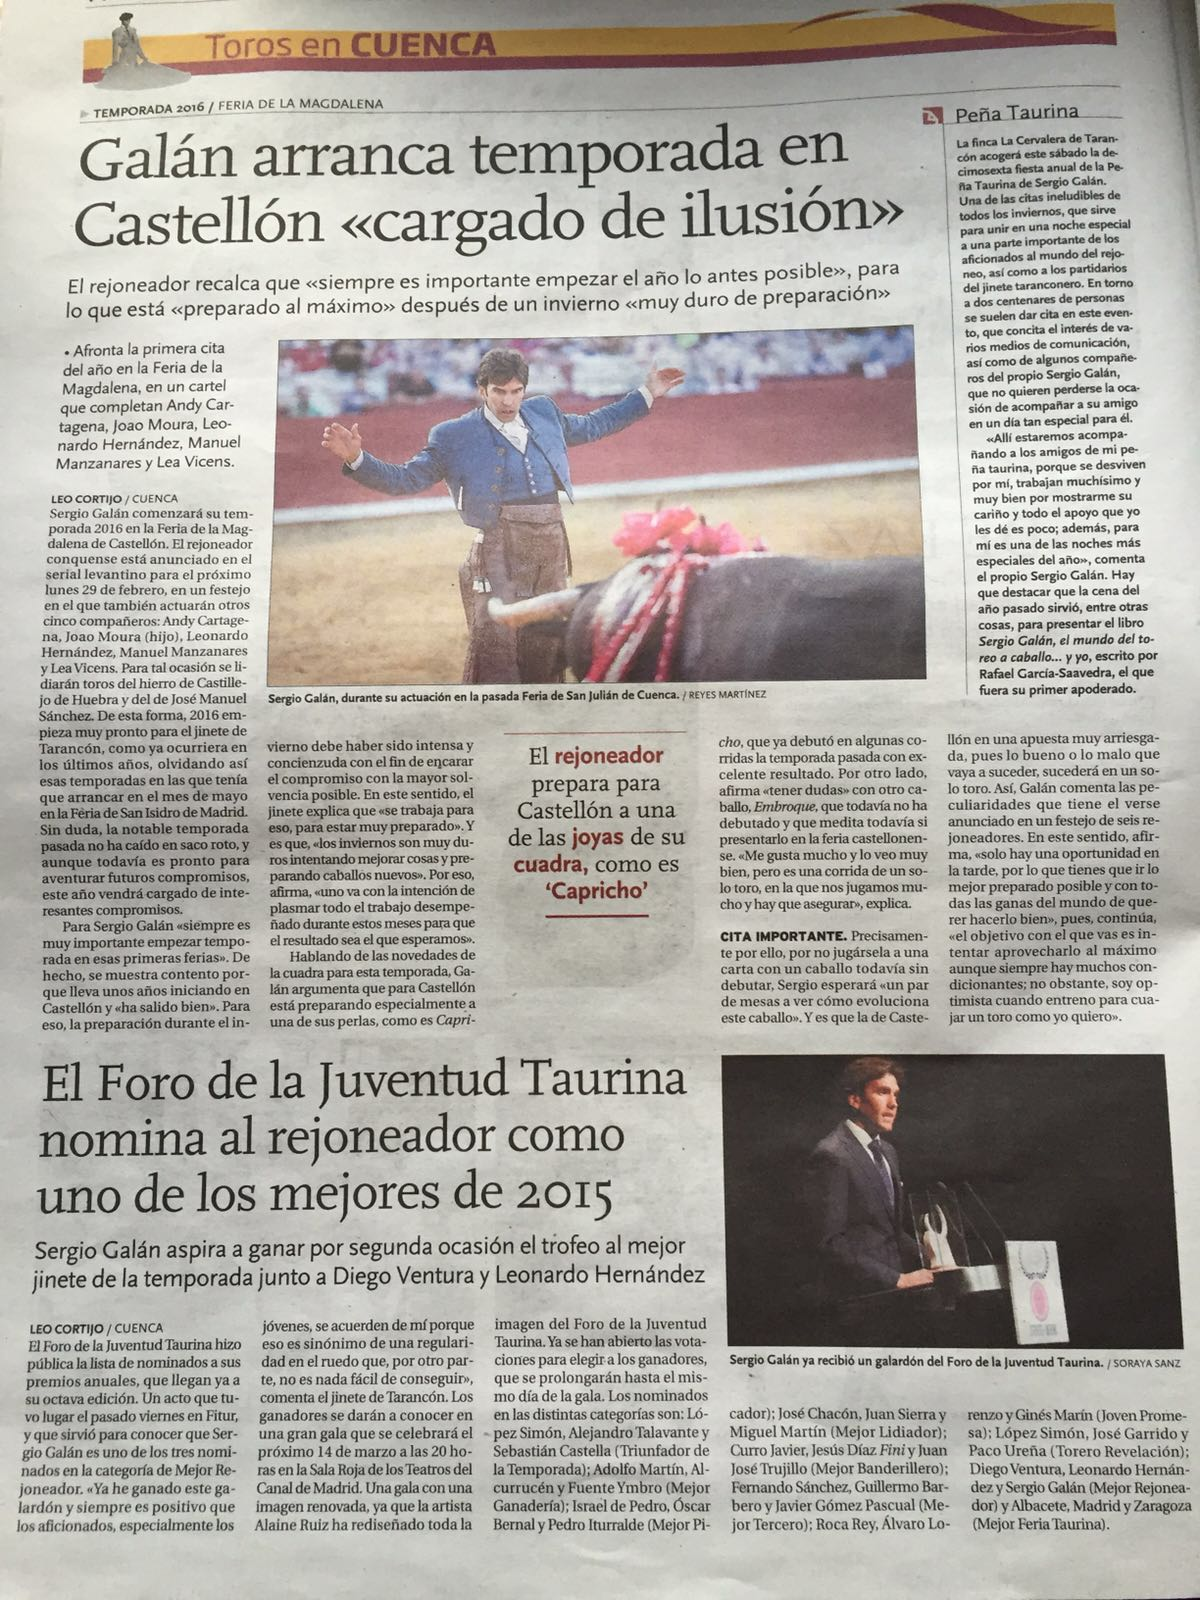 Sergio Galán arranca temporada en Castellón, cargado de ilusión.